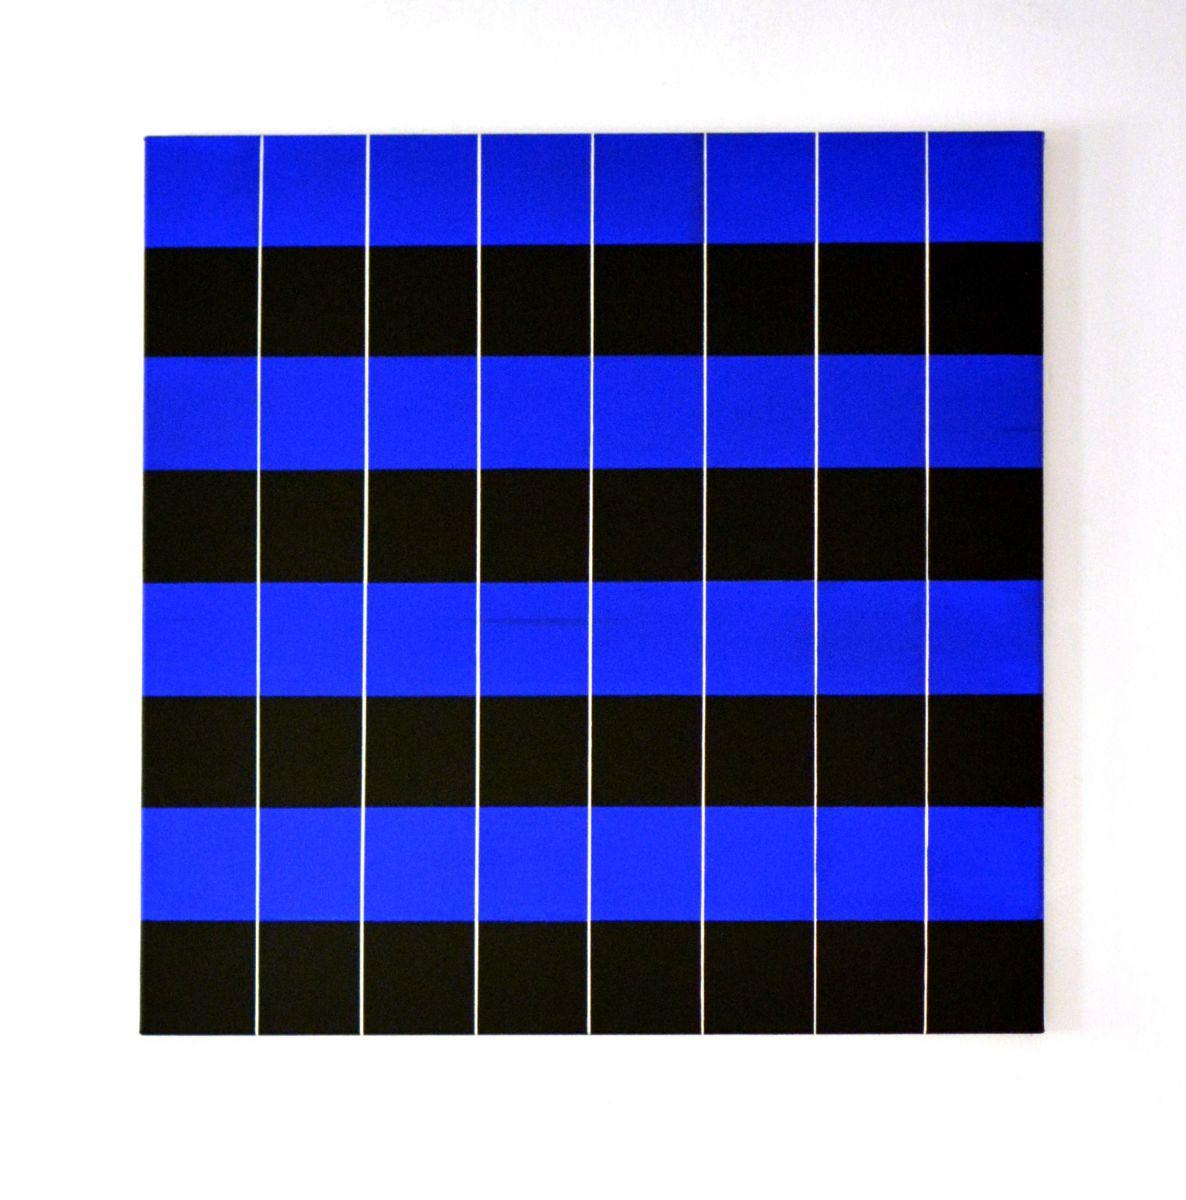 eder-paintings-black between blue